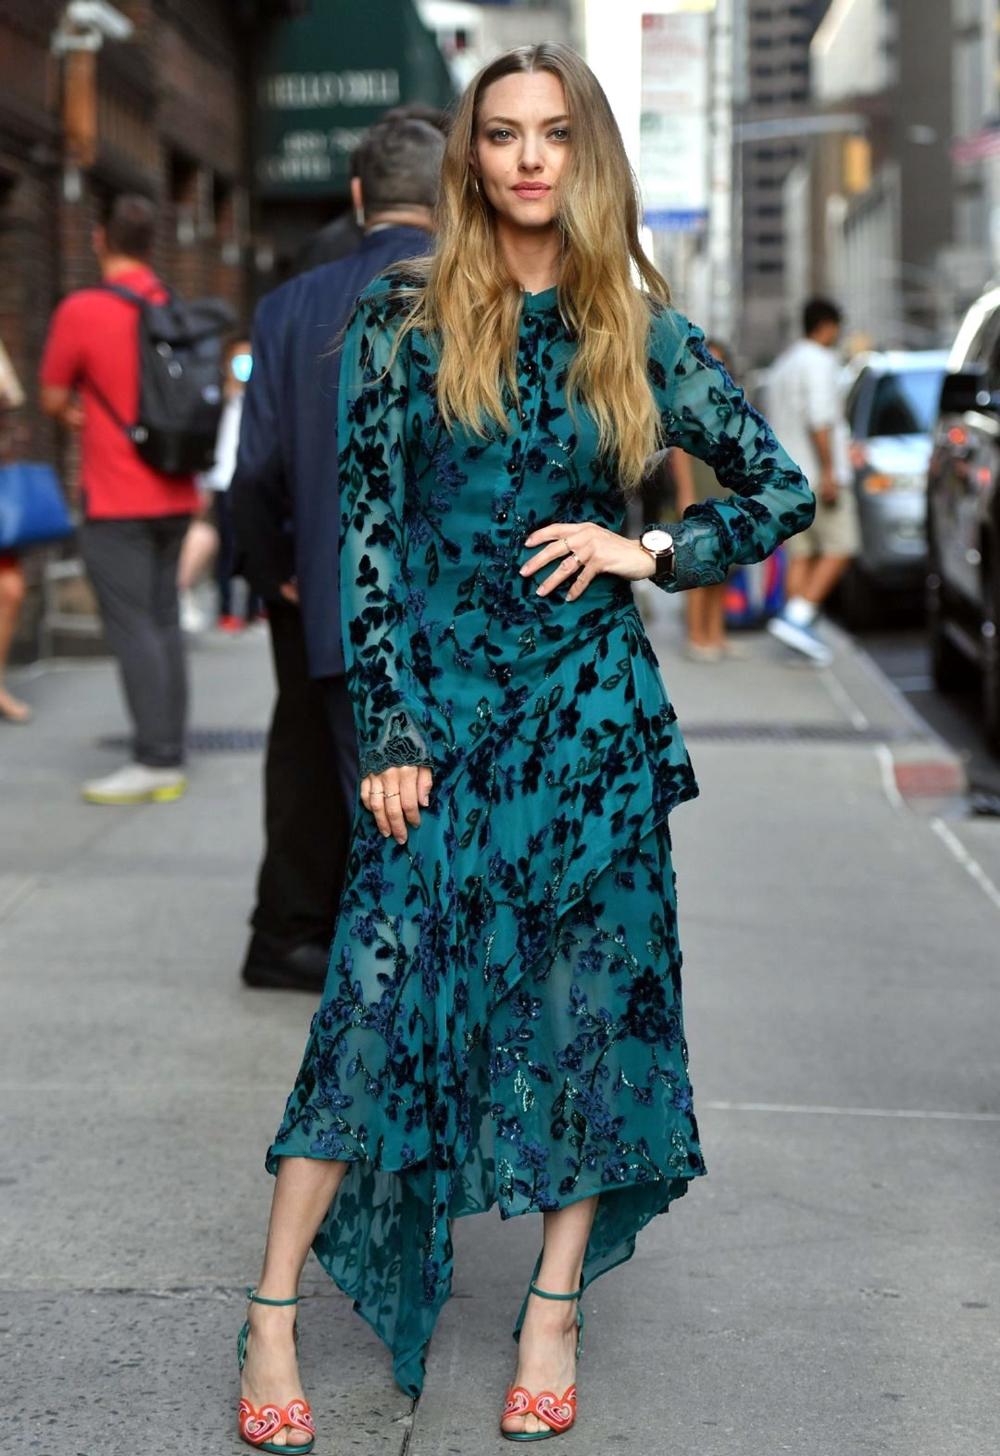 Diễn viên diện váy liền thân thêu hoa của hãng Chloe đến trường quay Late Show. Cô nhấn vào sandalss Christian Louboutin - lấy cảm hứng từ văn hóa Bhutan với phần gót và mũi xanh da cam, cắt bằng laser tạo hình đám mây.